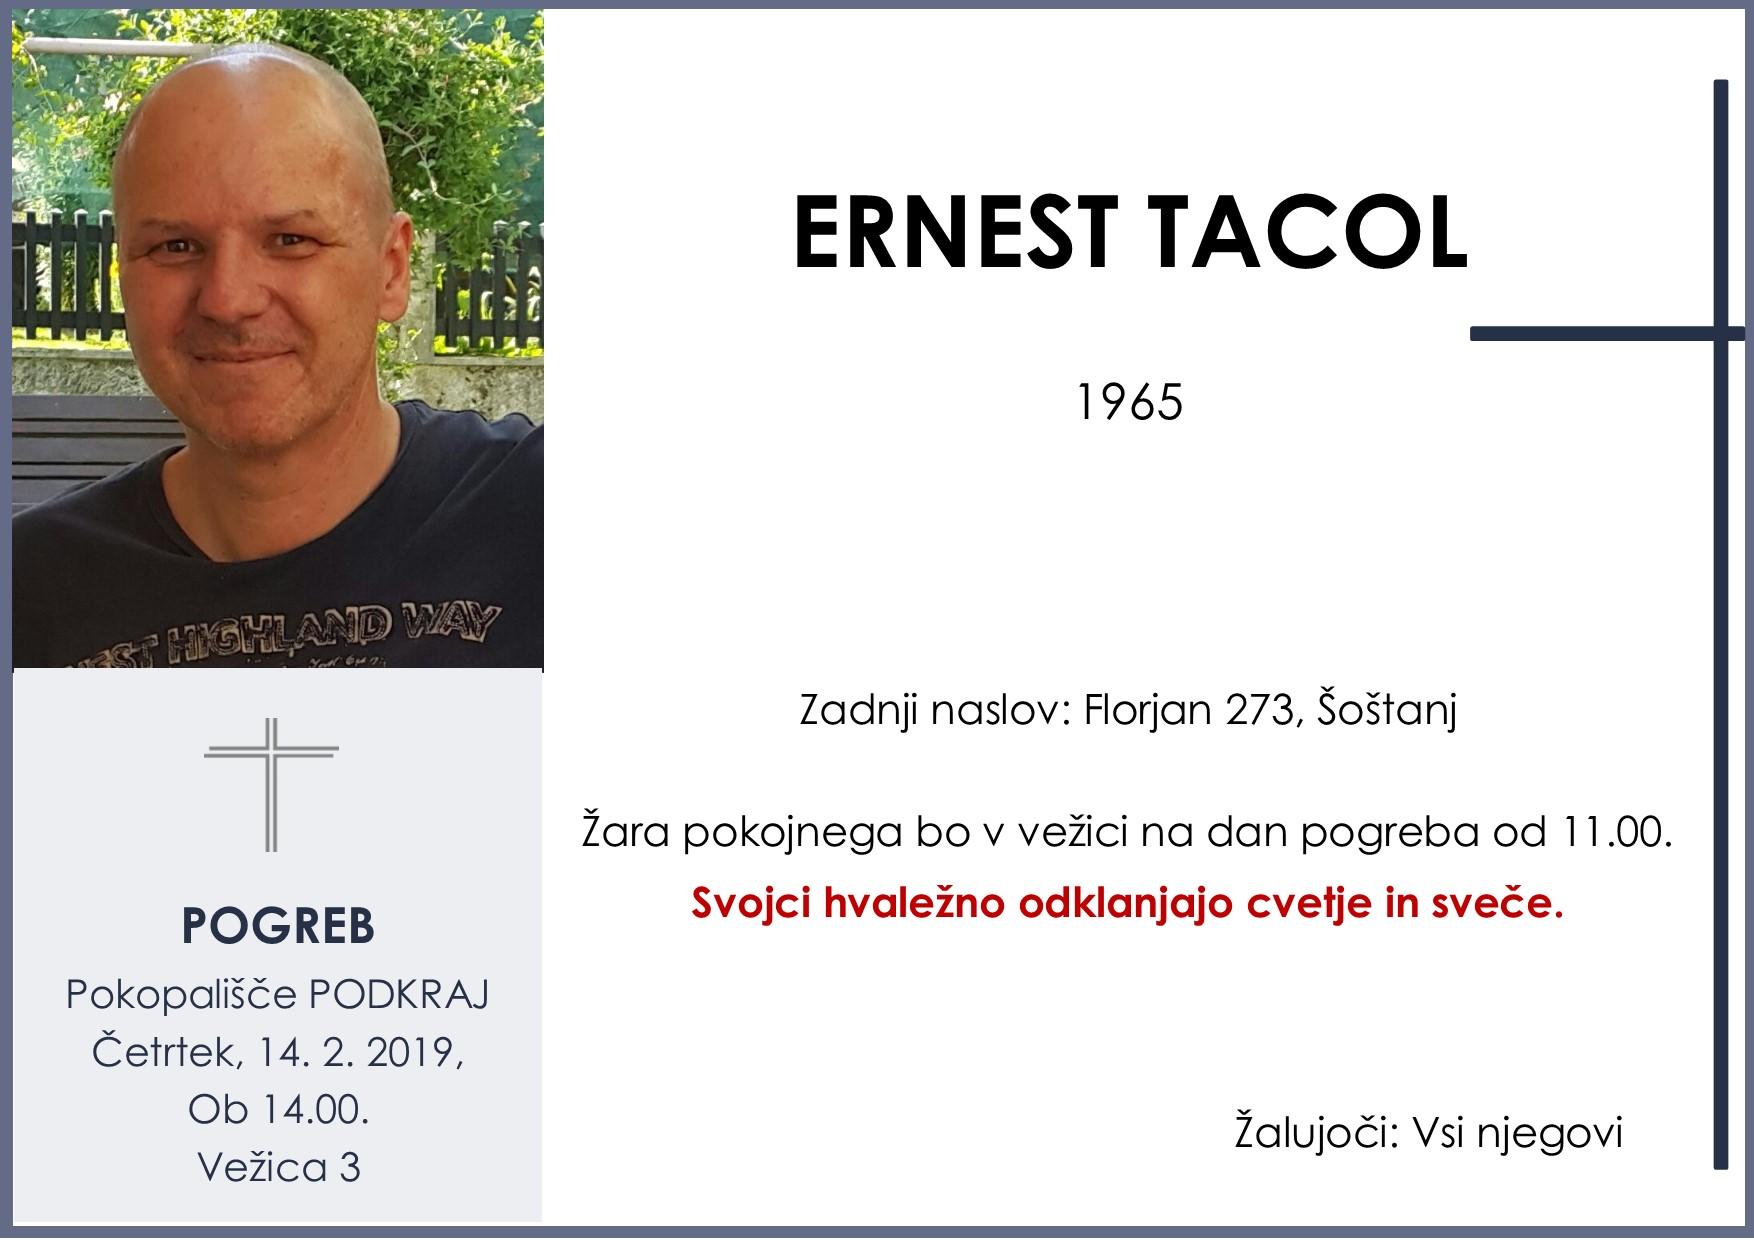 ERNEST TACOL, Podkraj, 14. 02. 2019